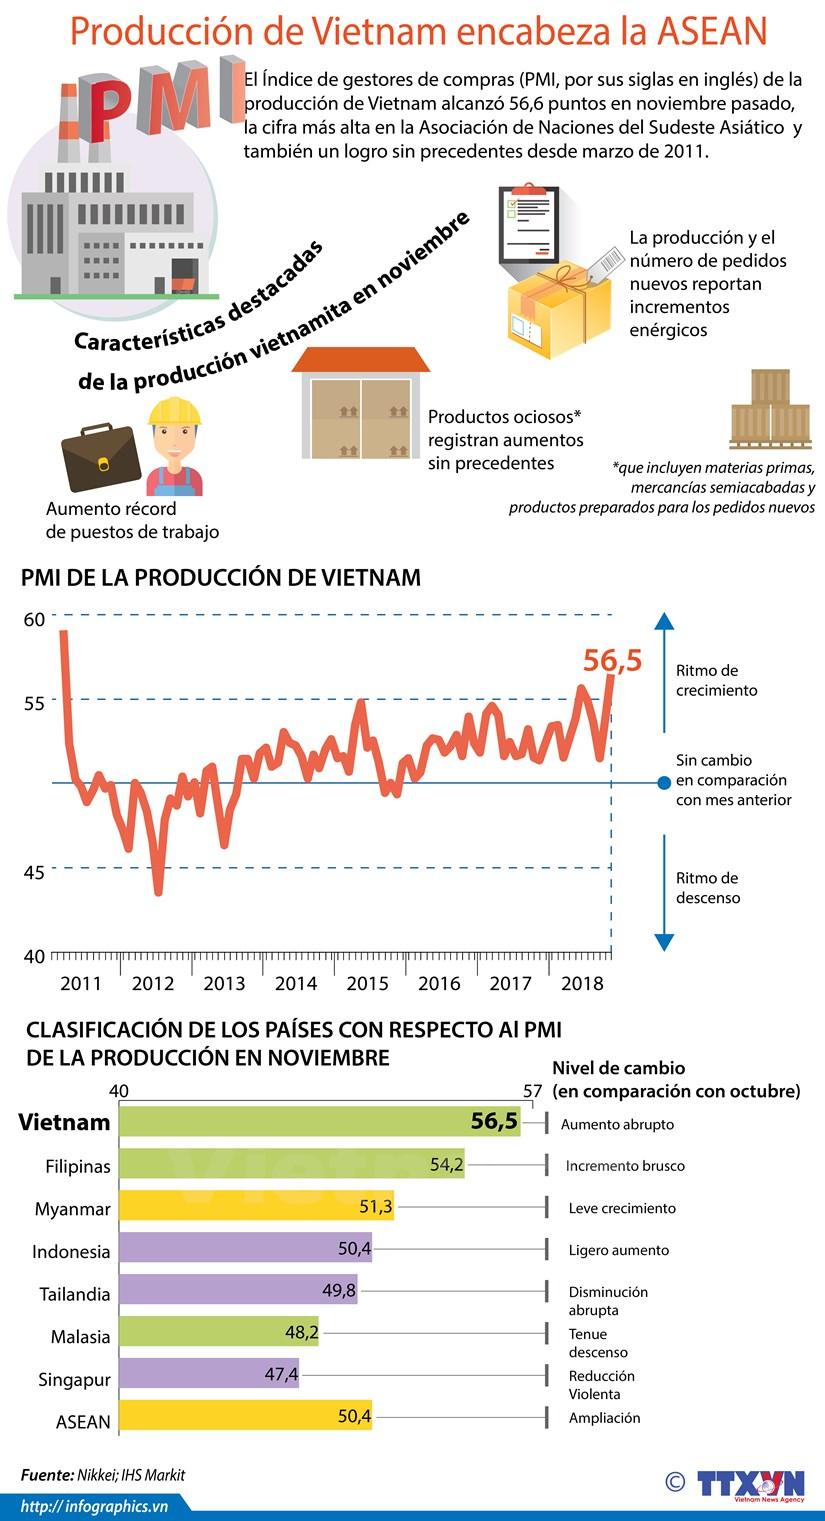 [Info] Produccion de Vietnam encabeza la ASEAN hinh anh 1